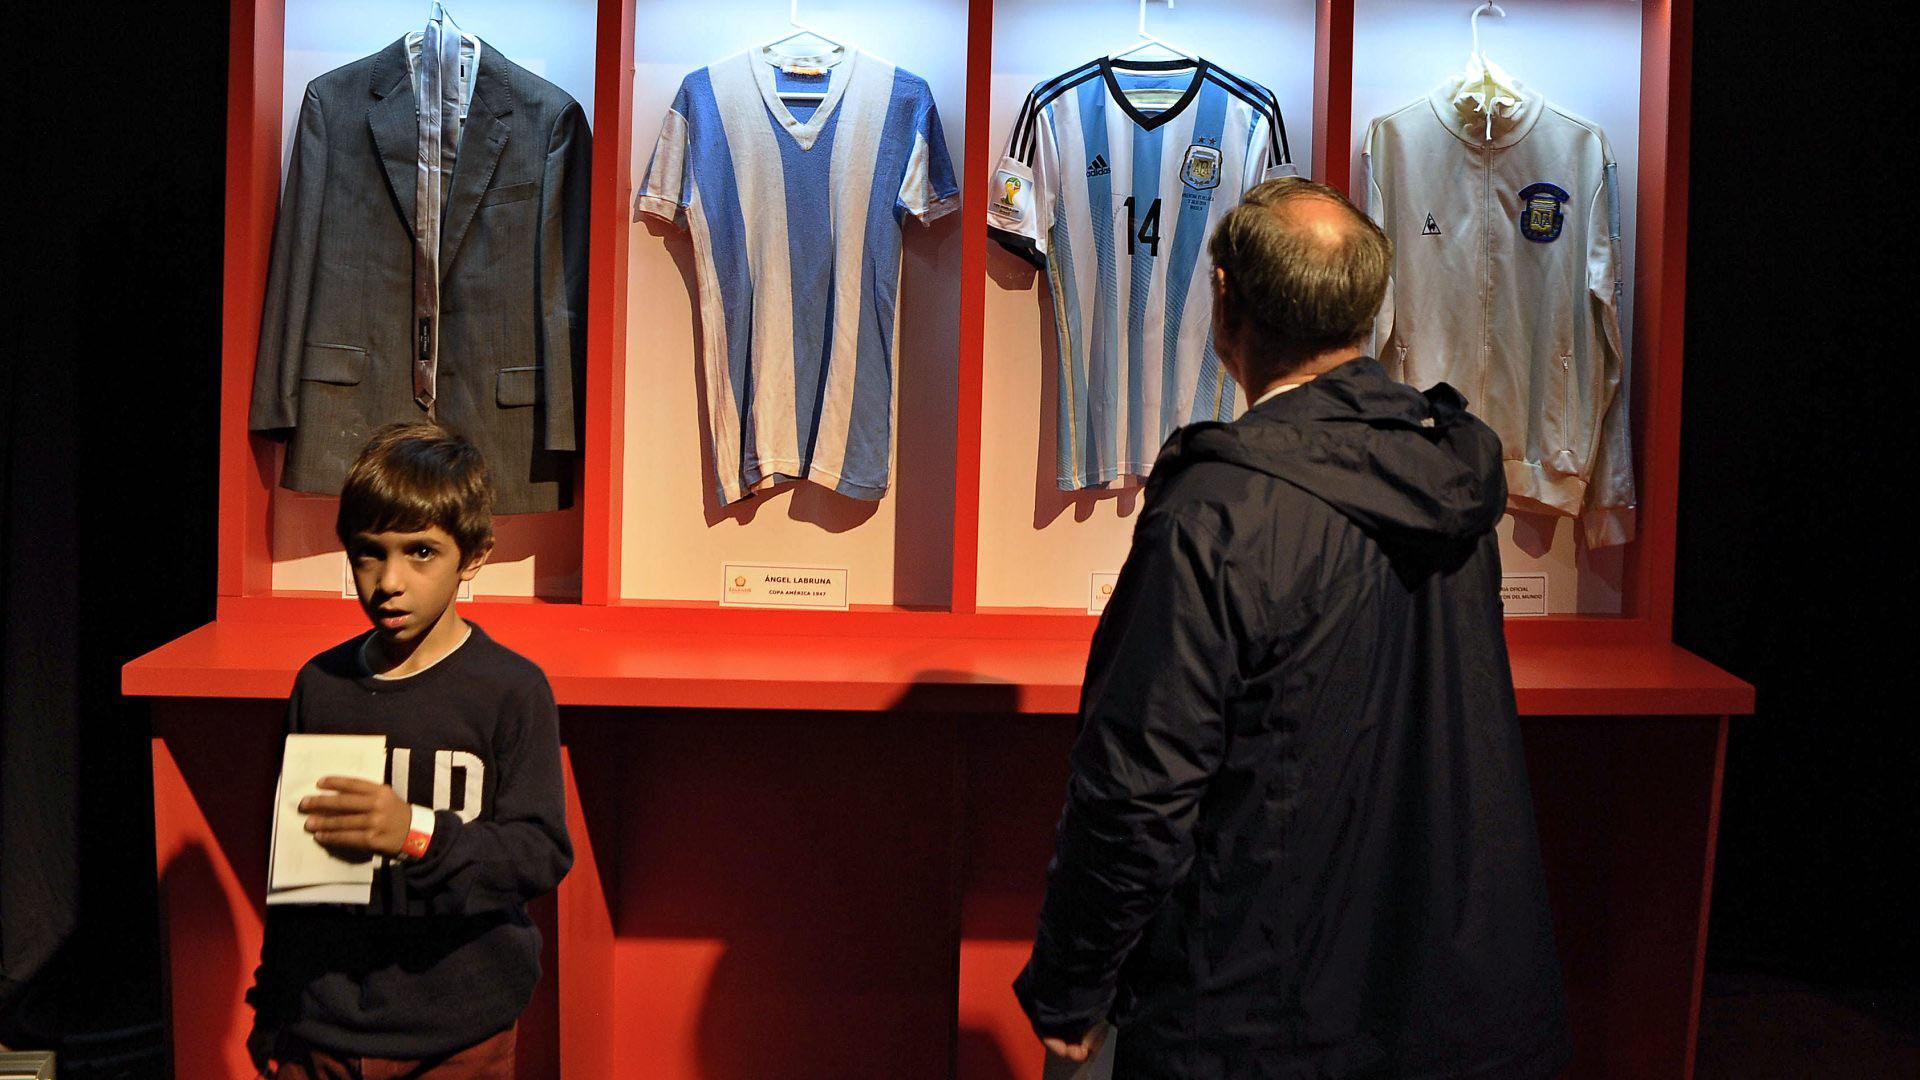 El traje de Maradona como DT y las camisetas de Ángel Labruna y Javier Mascherano no faltaron (Patricio Murphy)